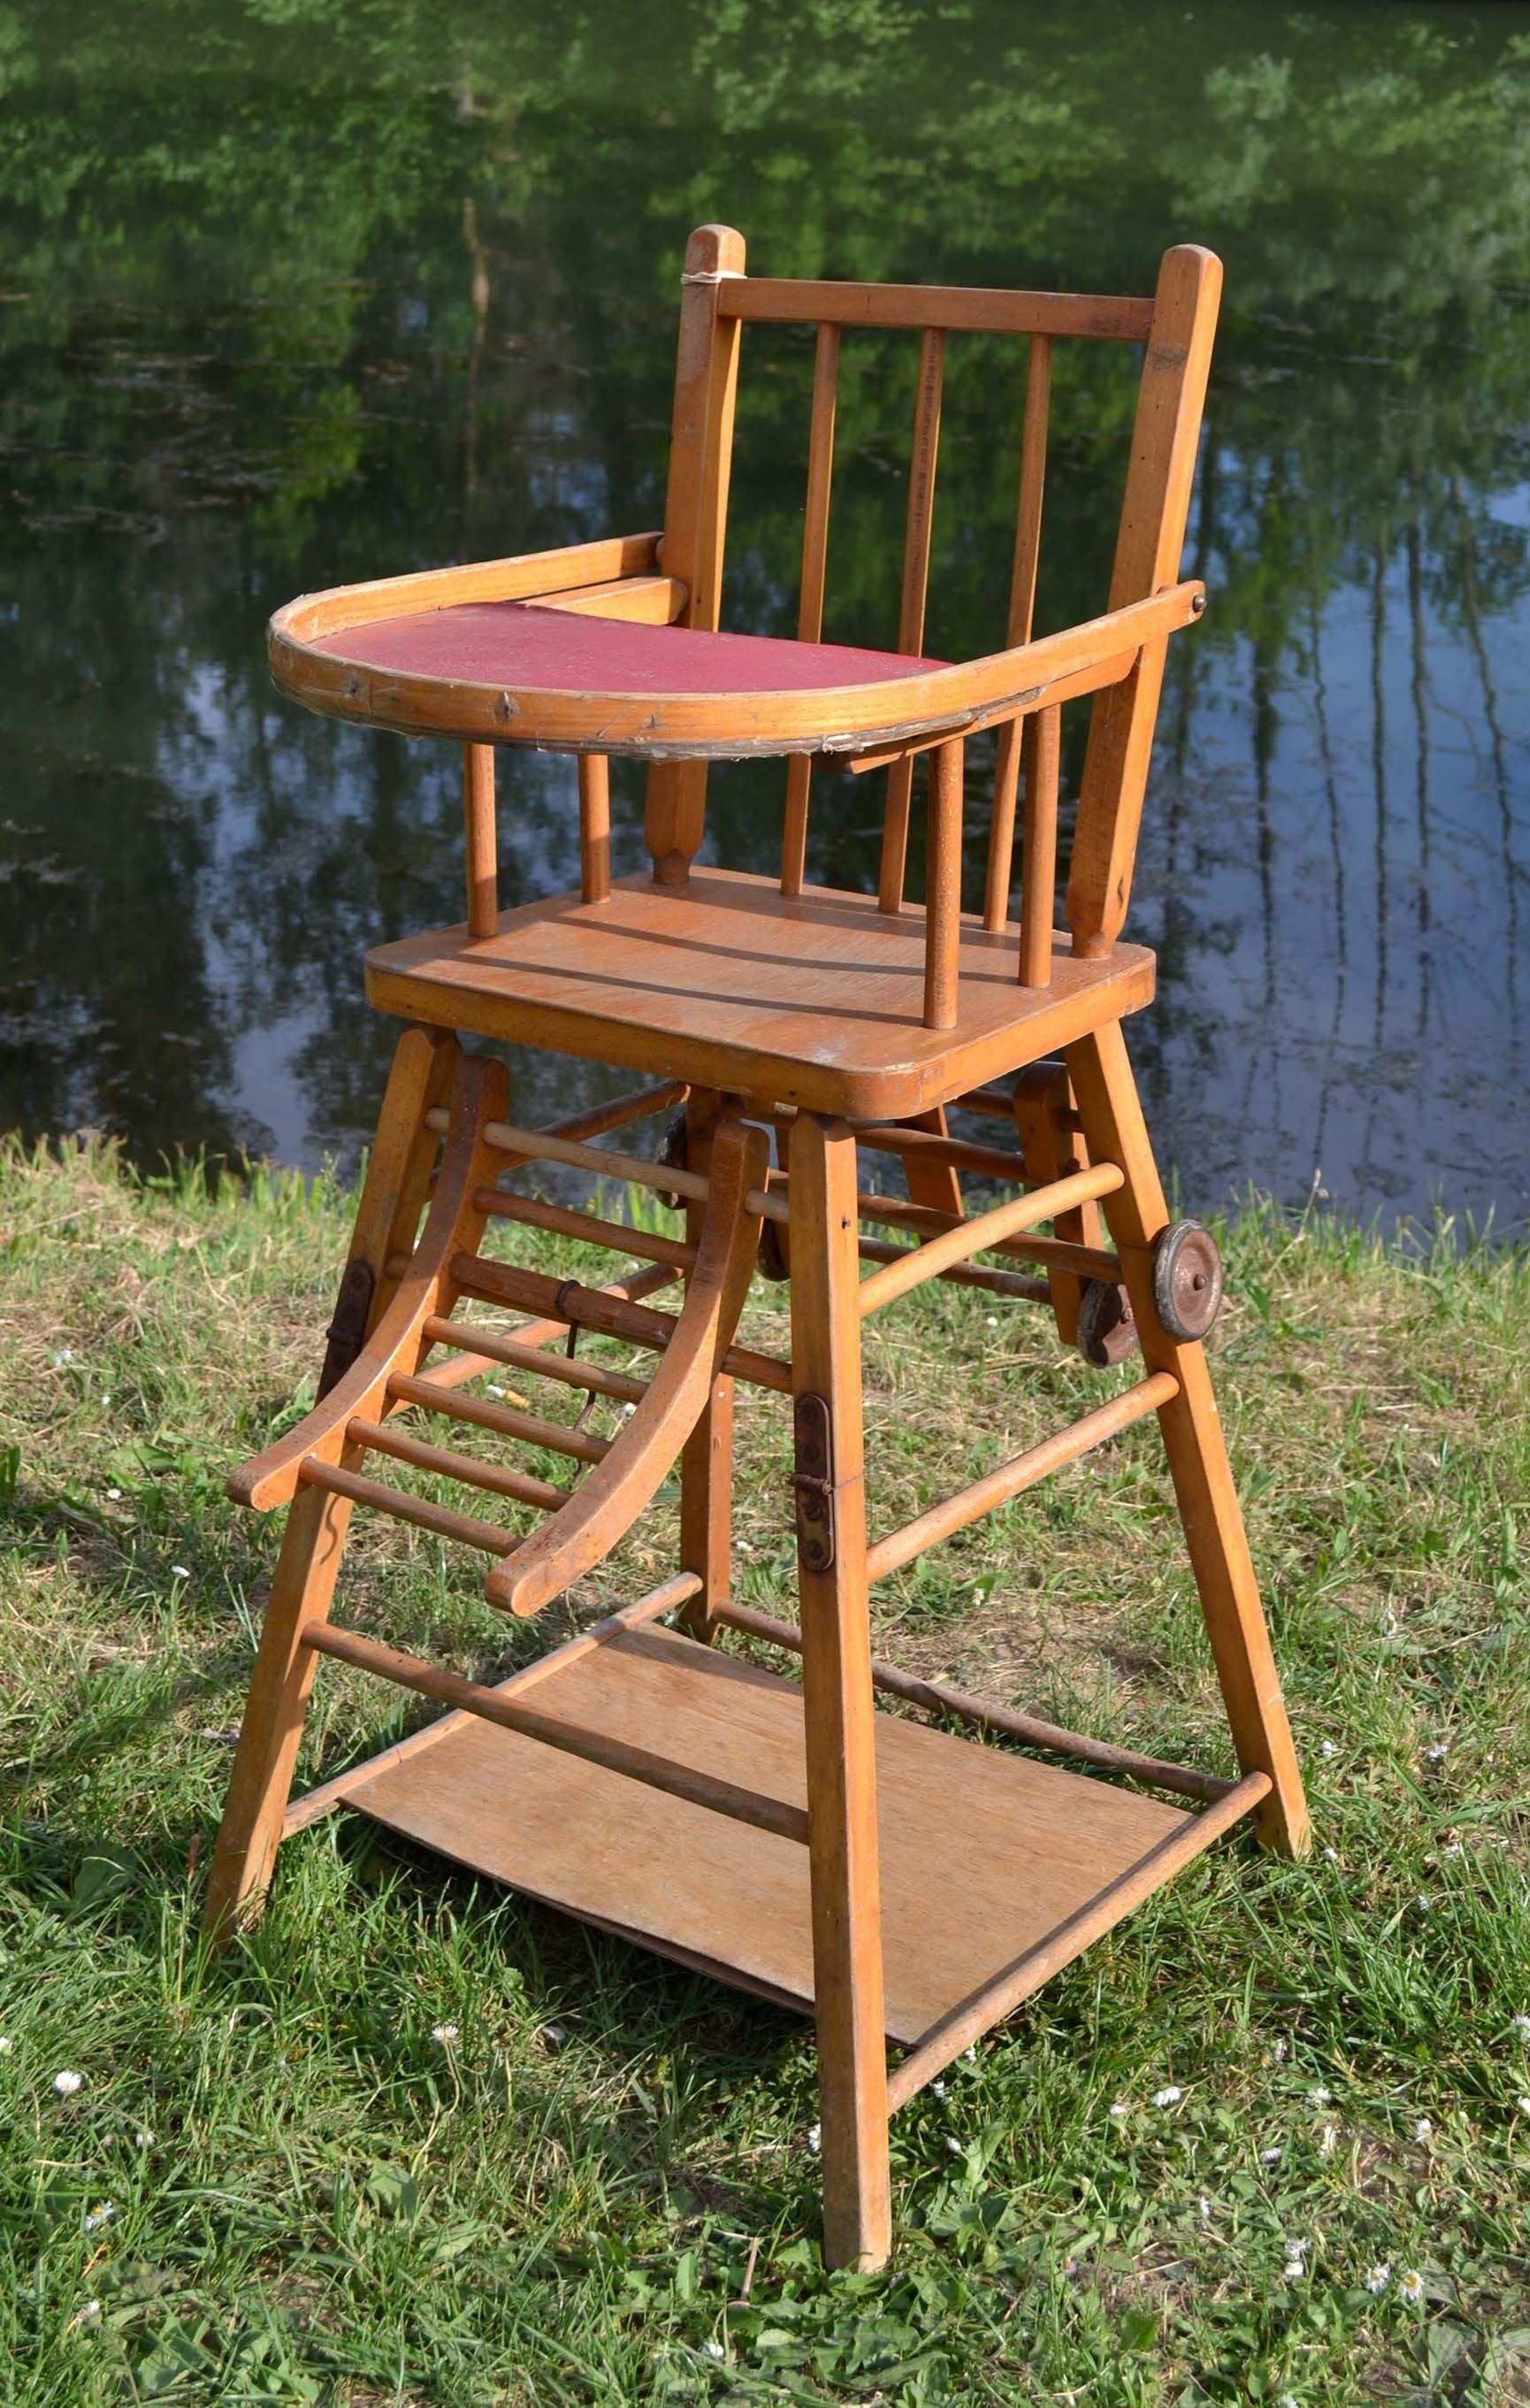 Lit Bébé Transformable Frais Chaise Haute Bébé Pliante Elegant Lit Bébé Transformable Inspirant